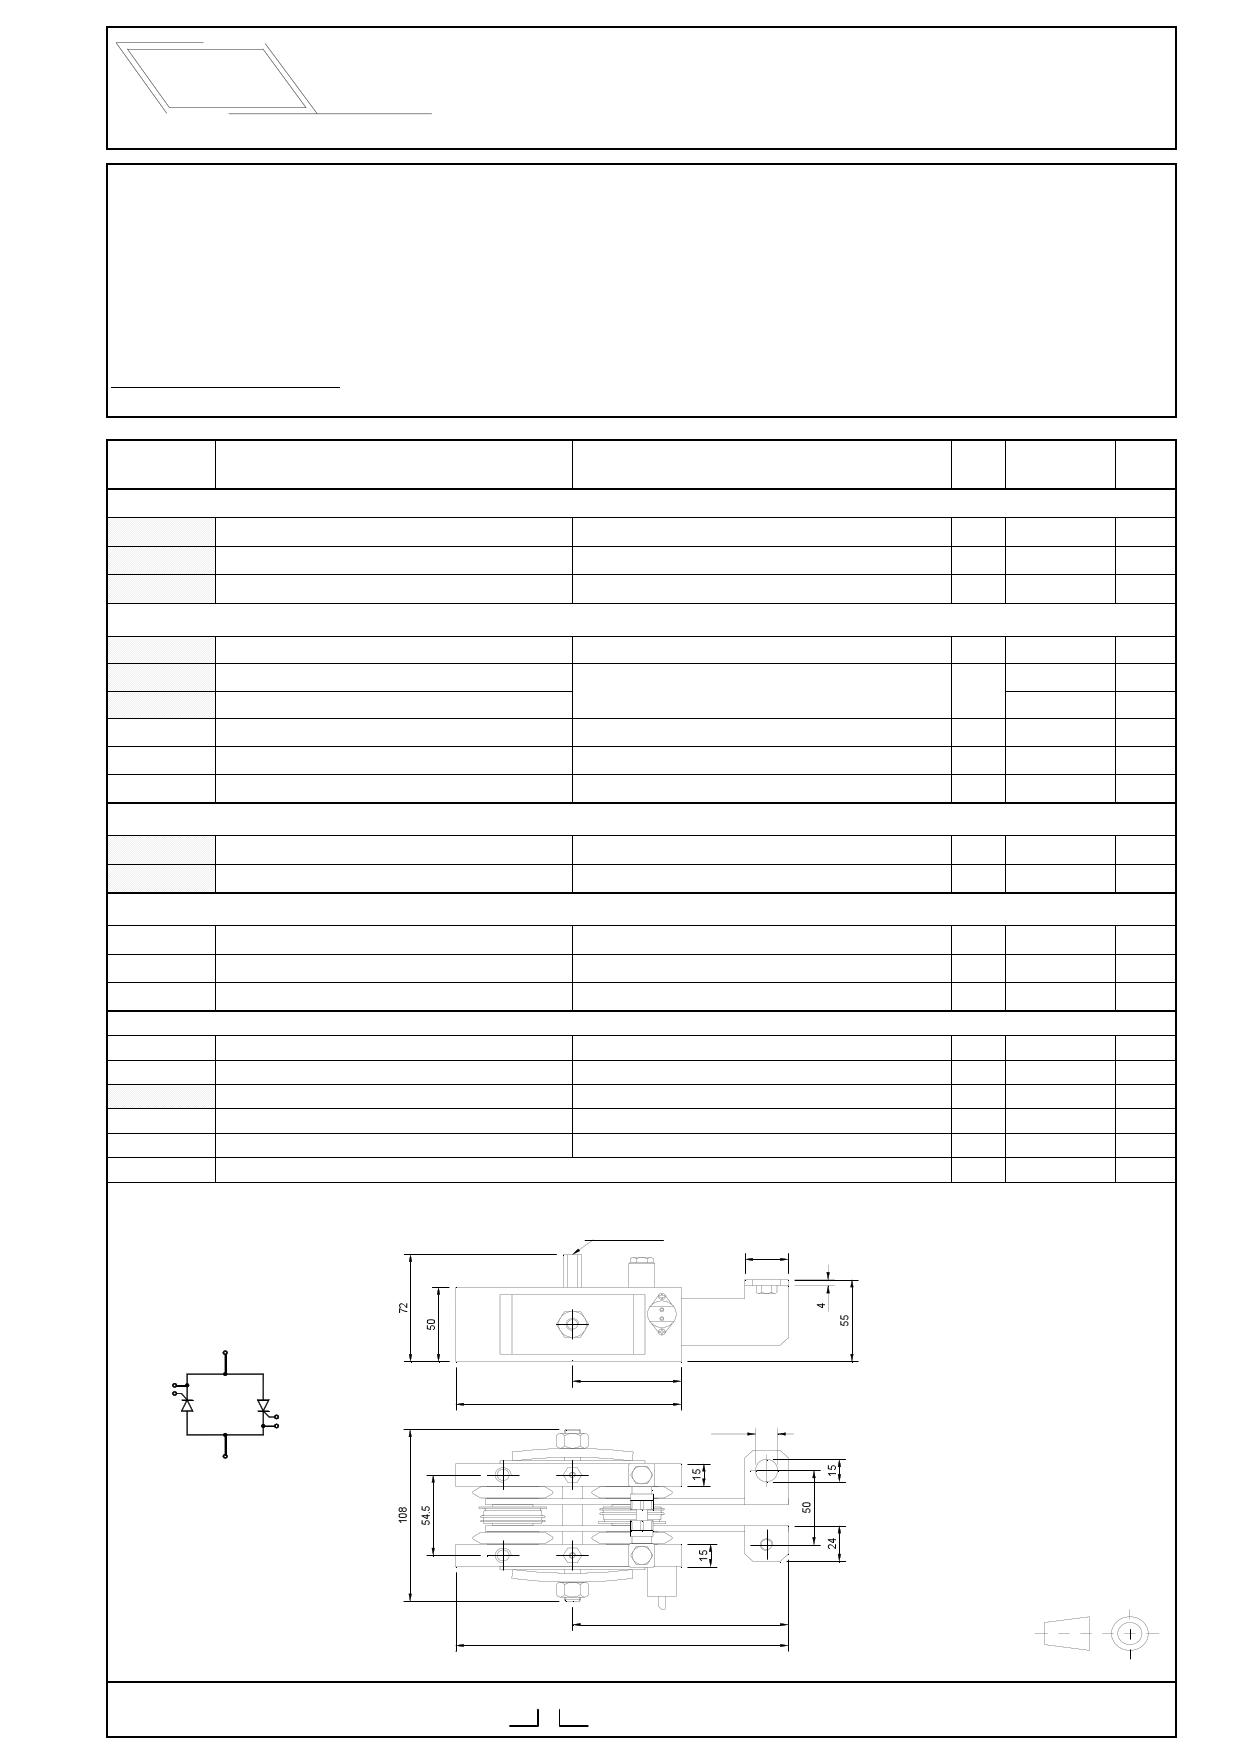 2-2W5-PI datasheet